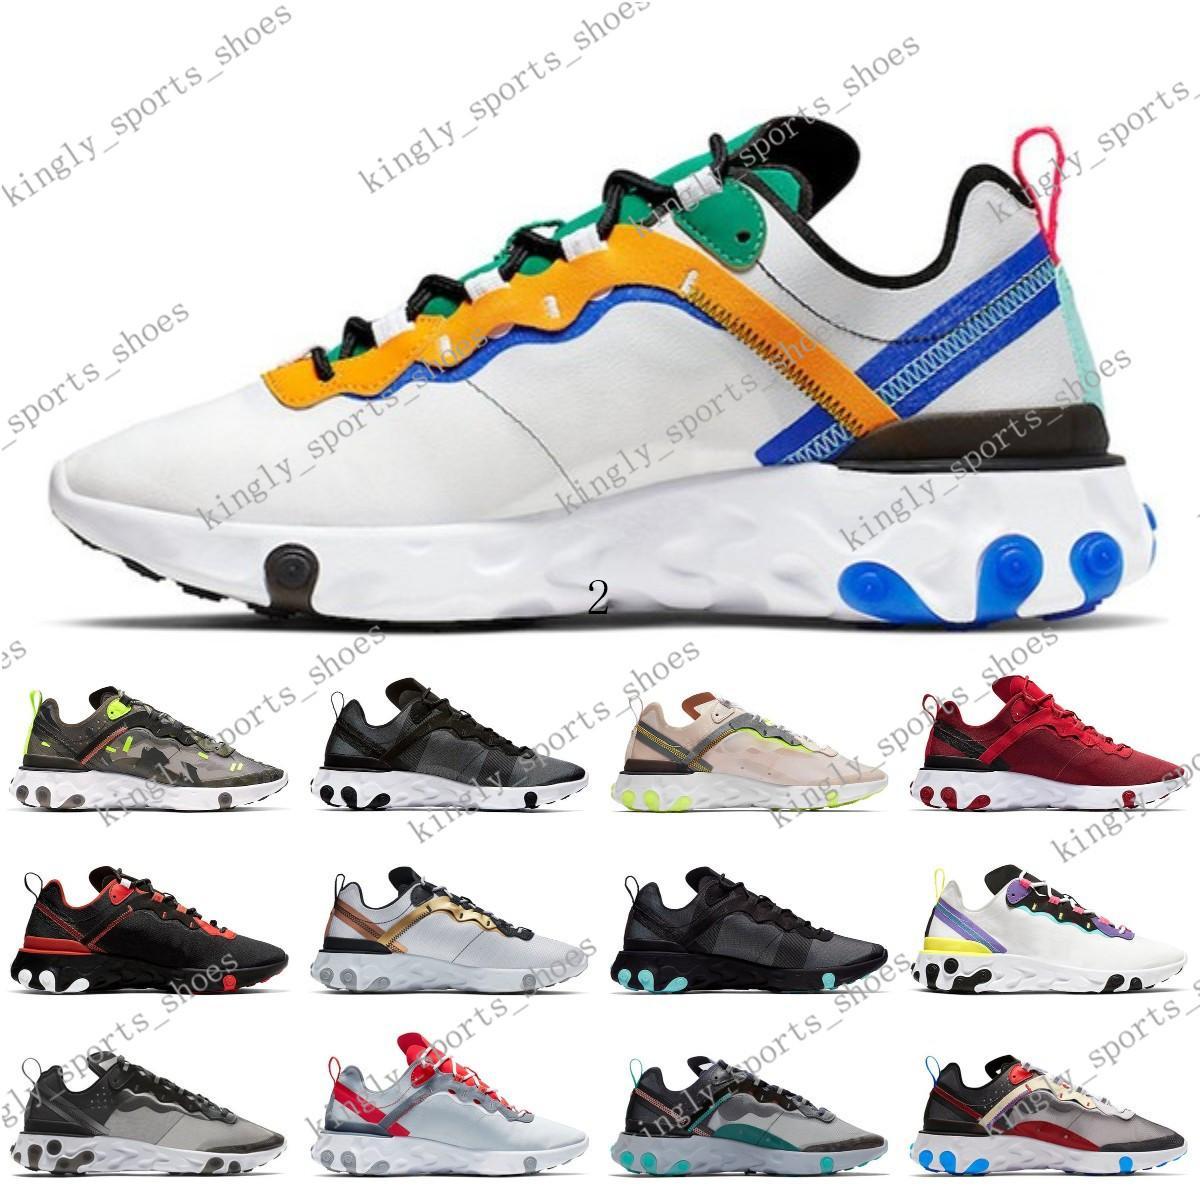 2020 elemento 87 55 executando sapatos para homens mulheres Luz óssea triplo preto produzido Hiper-de-rosa das sapatilhas dos homens treinadores desportivos corredor 200630C001-2